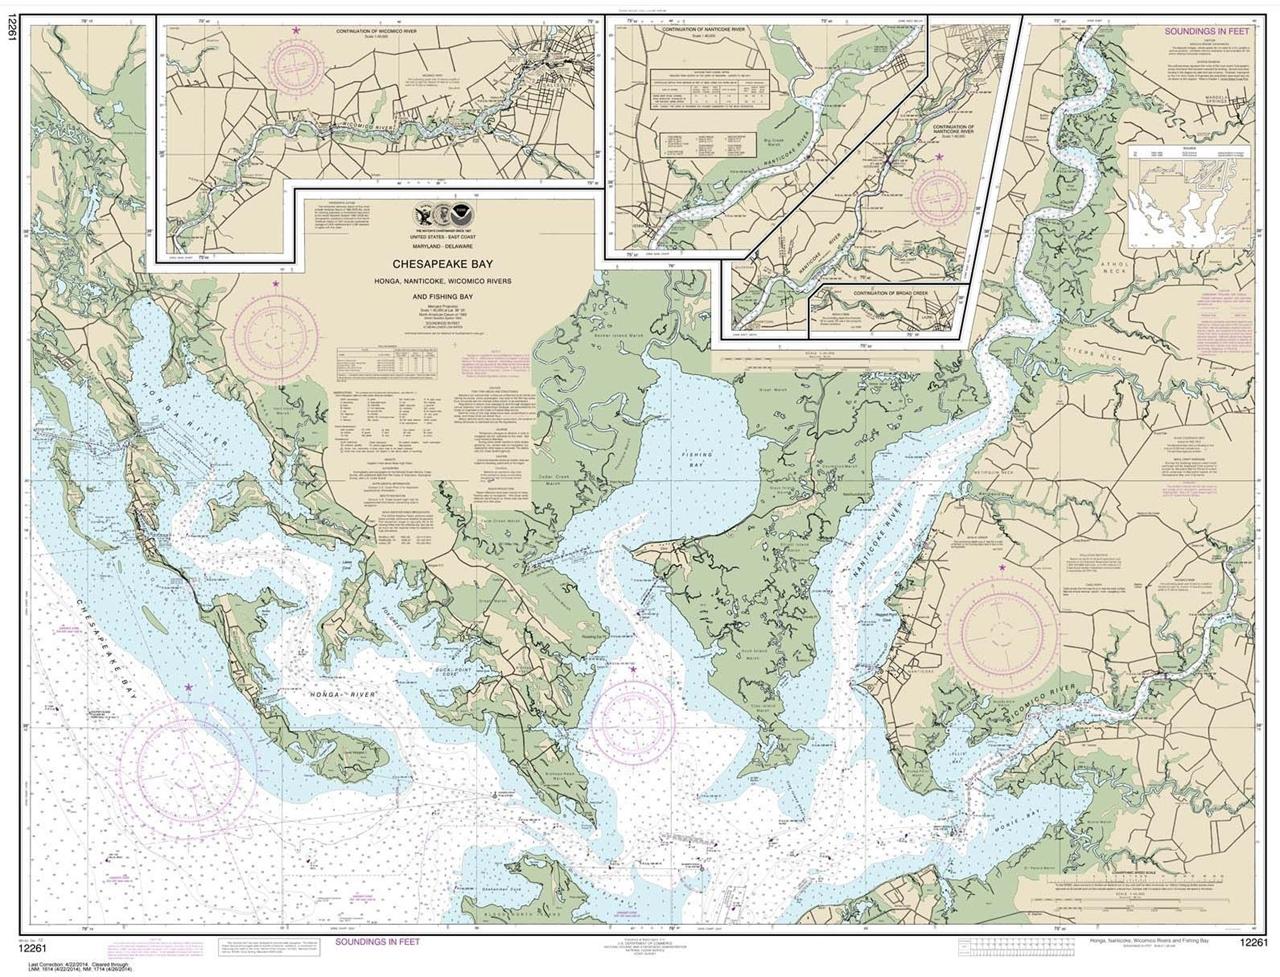 Themapstore noaa chart 12261 chesapeake bay virginia for Chesapeake bay fishing map